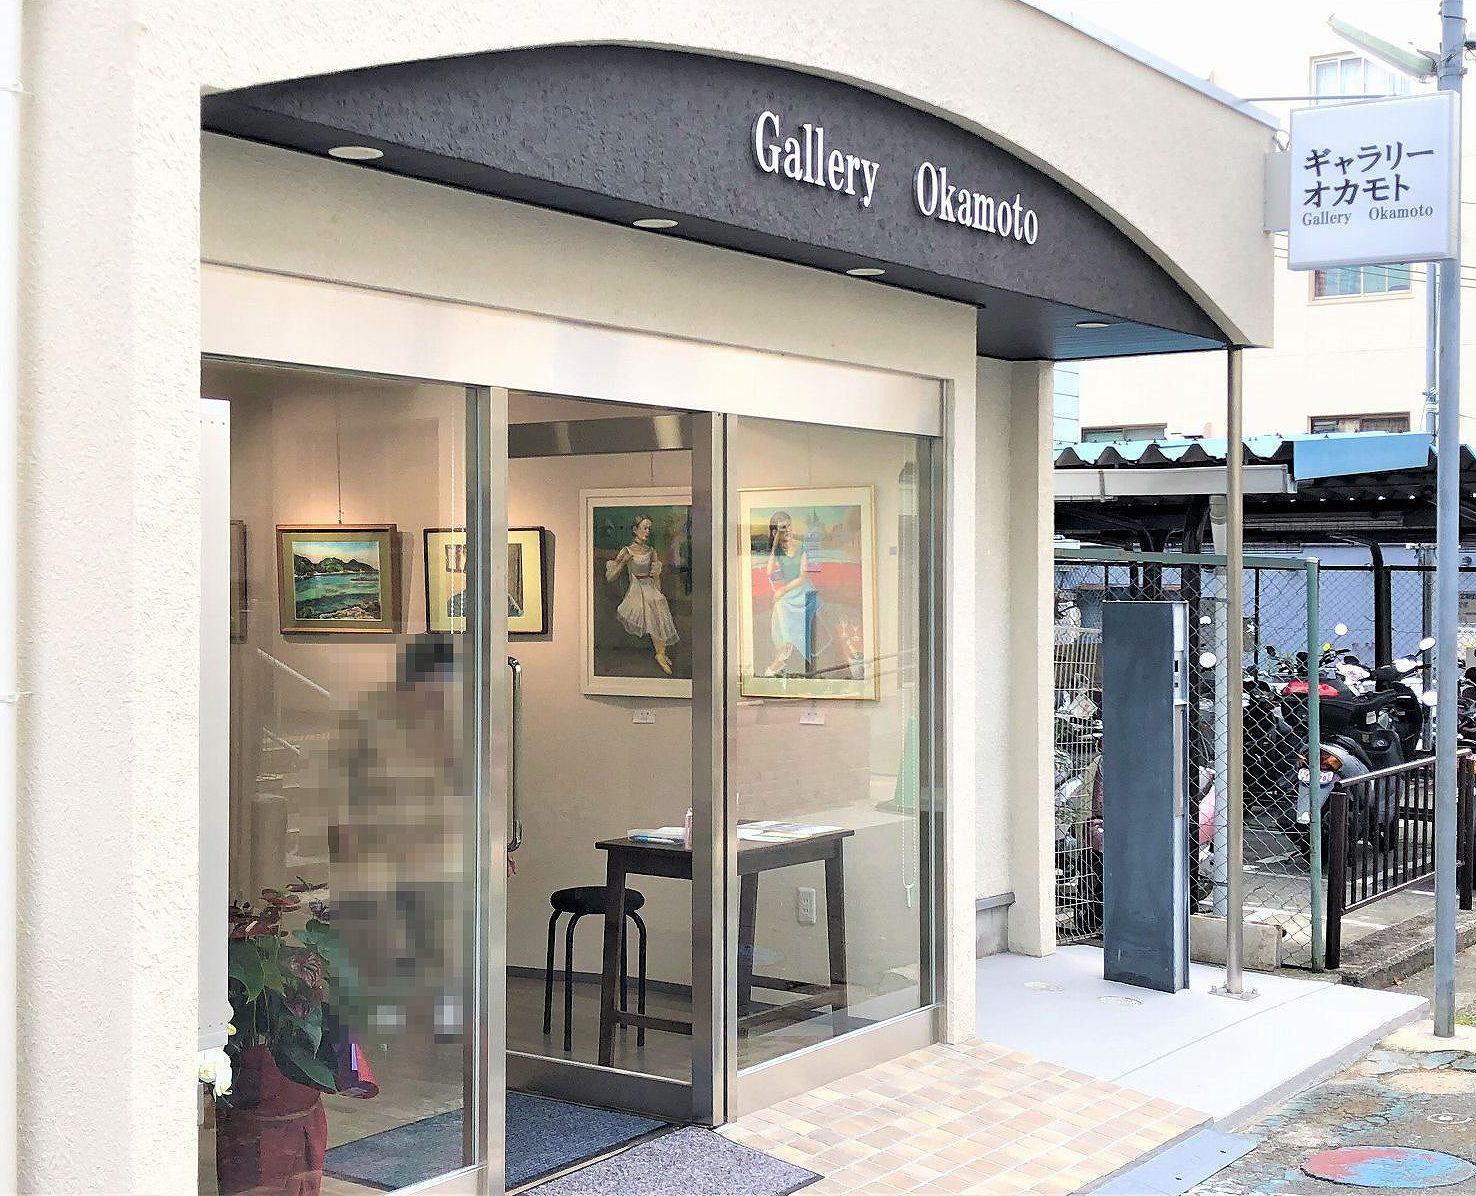 神戸・岡本に「ギャラリーオカモト」という画廊ギャラリーがオープンしたよ! #ギャラリーオカモト #阪急岡本 #神戸岡本 #画廊 #新規オープン